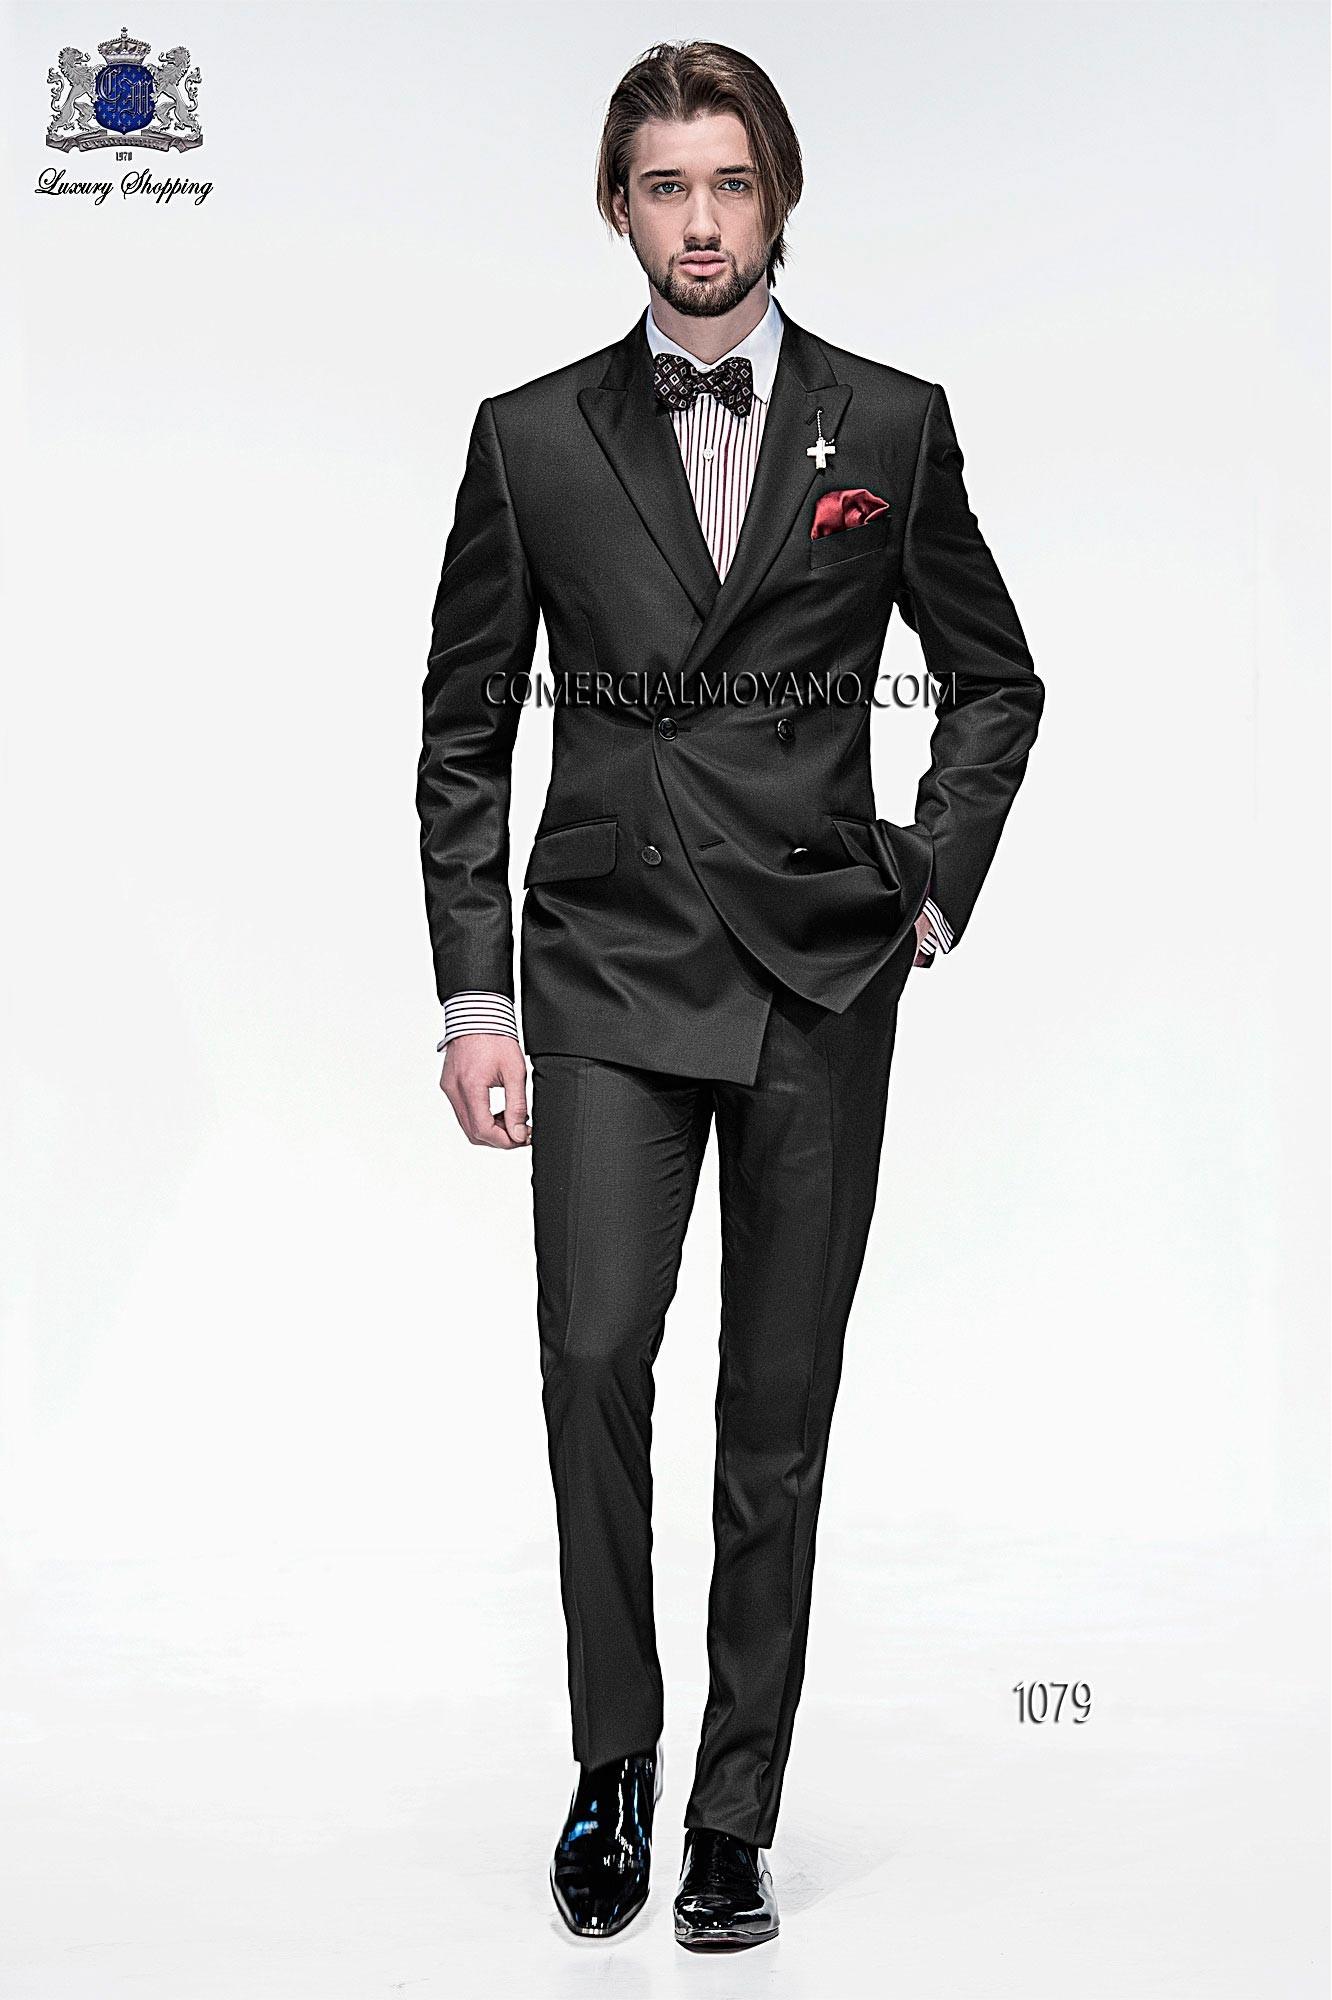 Traje de moda hombre negro modelo: 1079 Ottavio Nuccio Gala colección Emotion